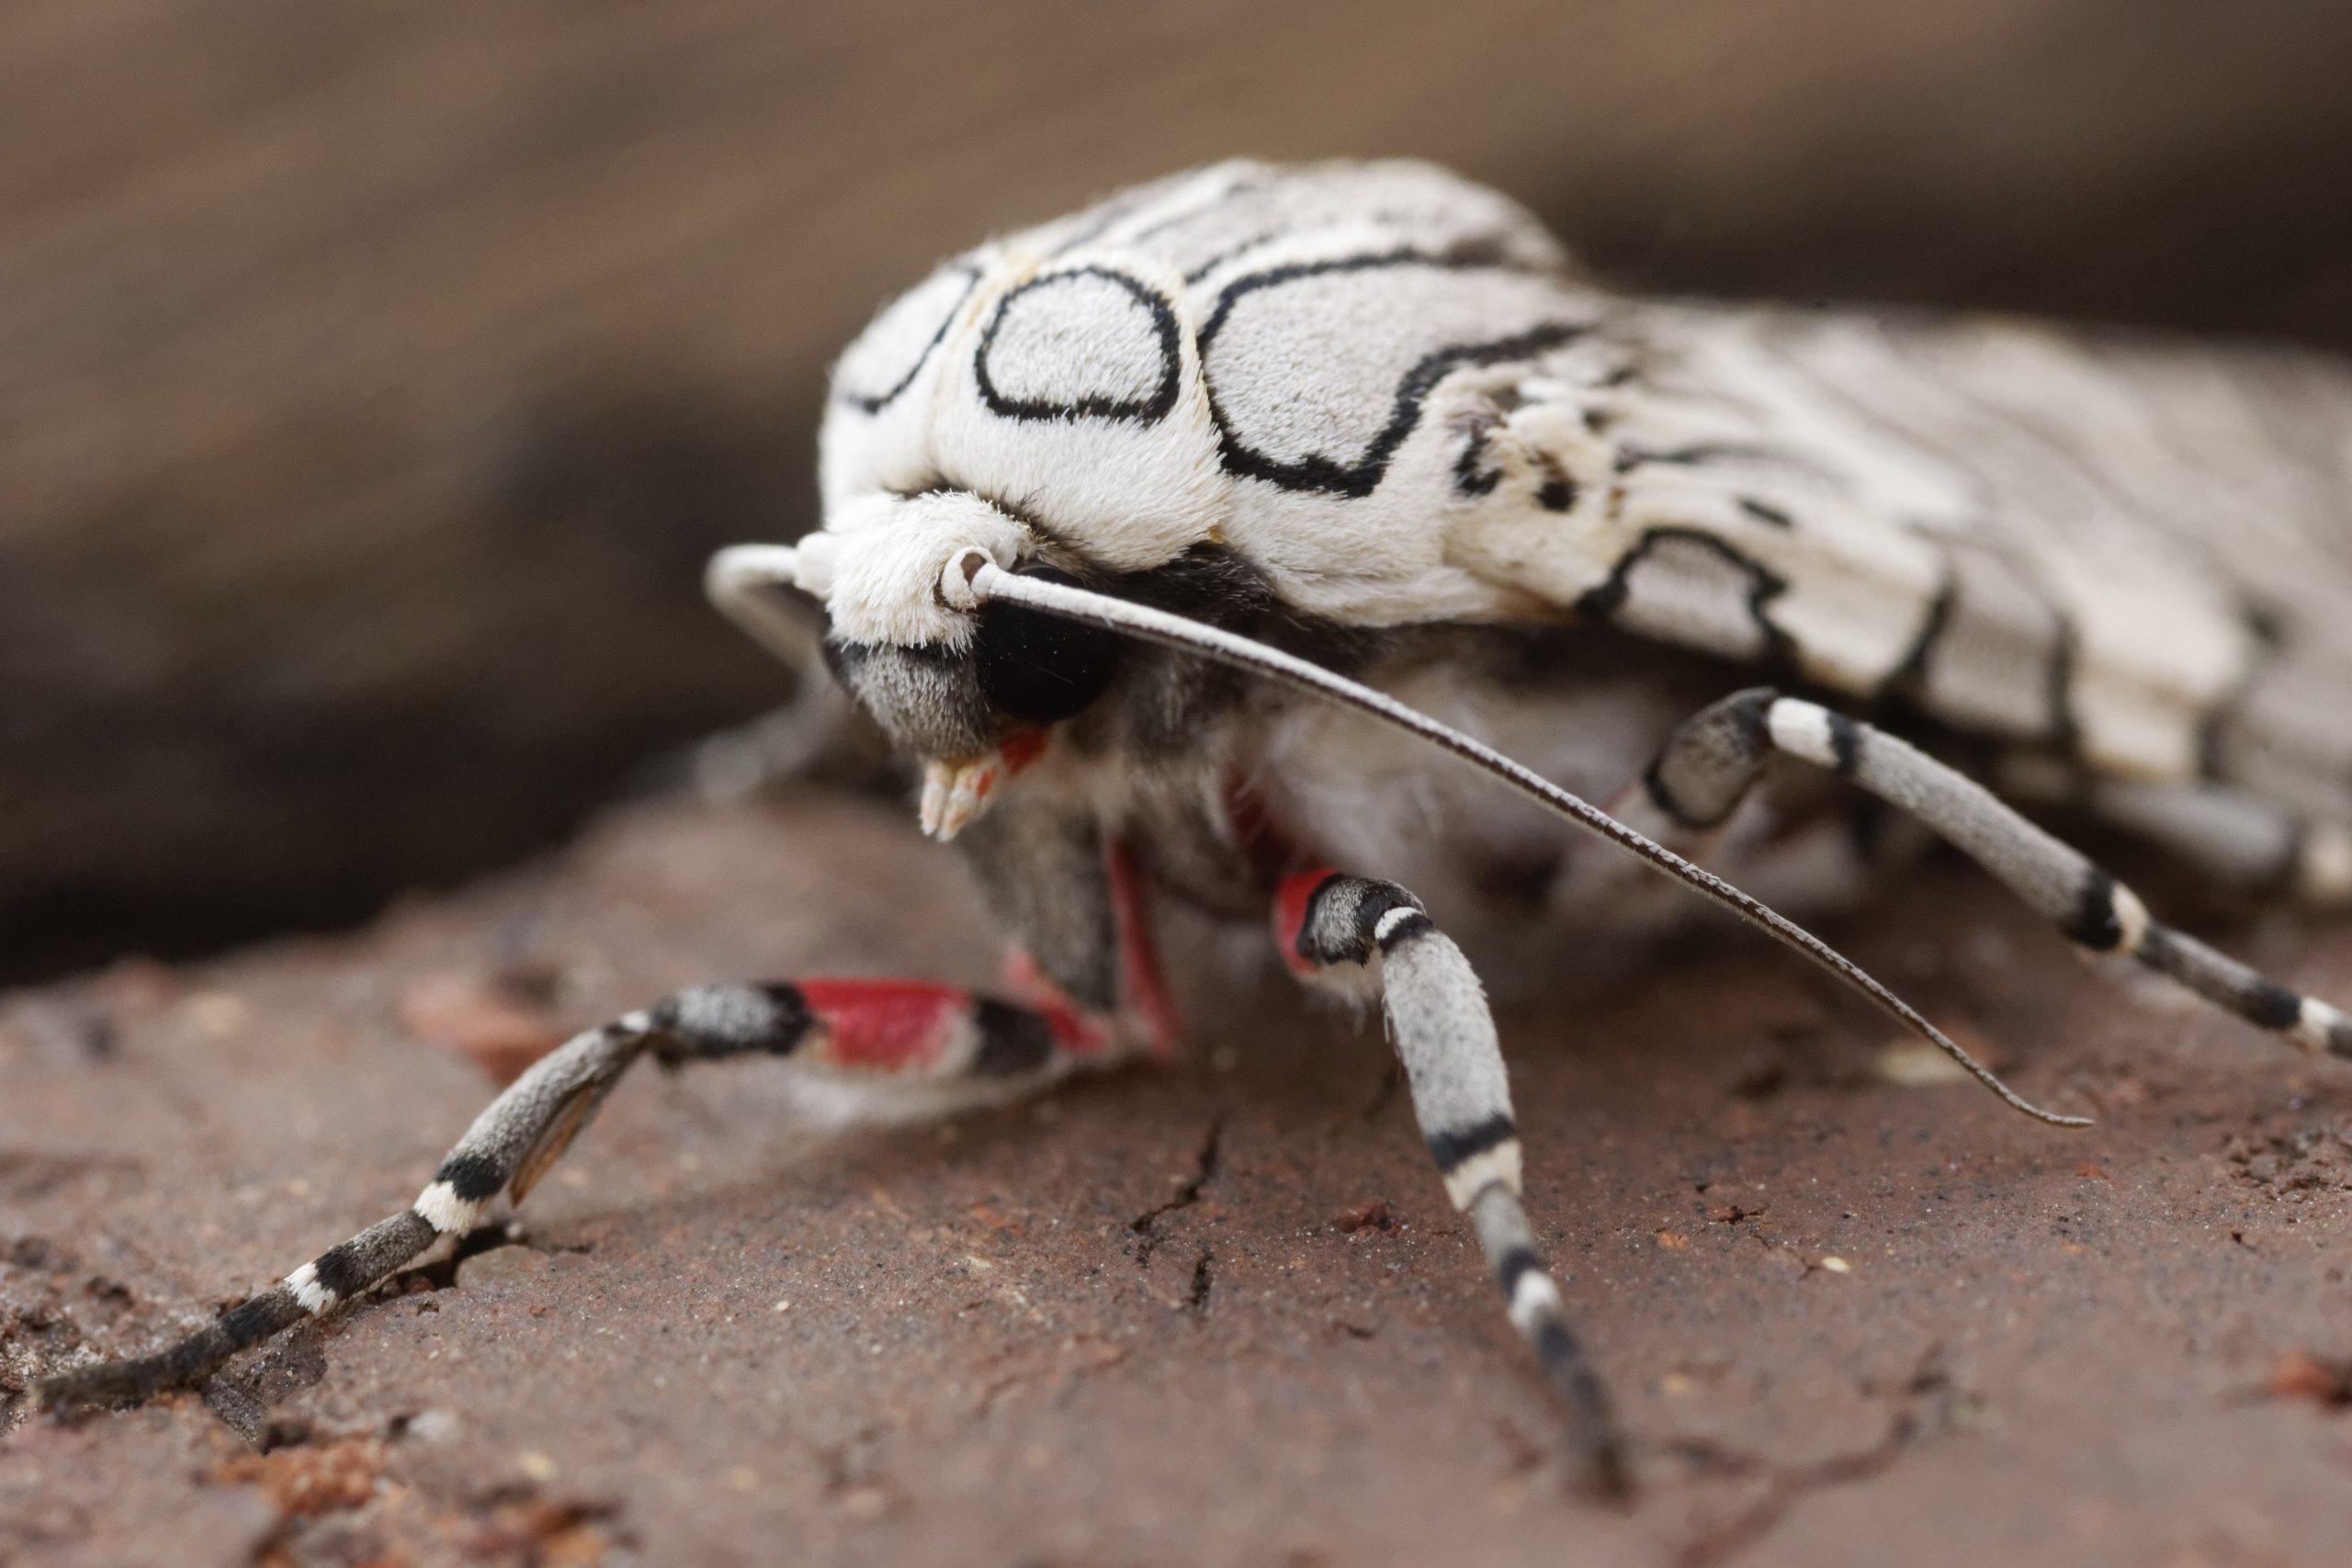 PAINTED TIGER MOTH, Arachnis picta. Photo by Paul De Ley.